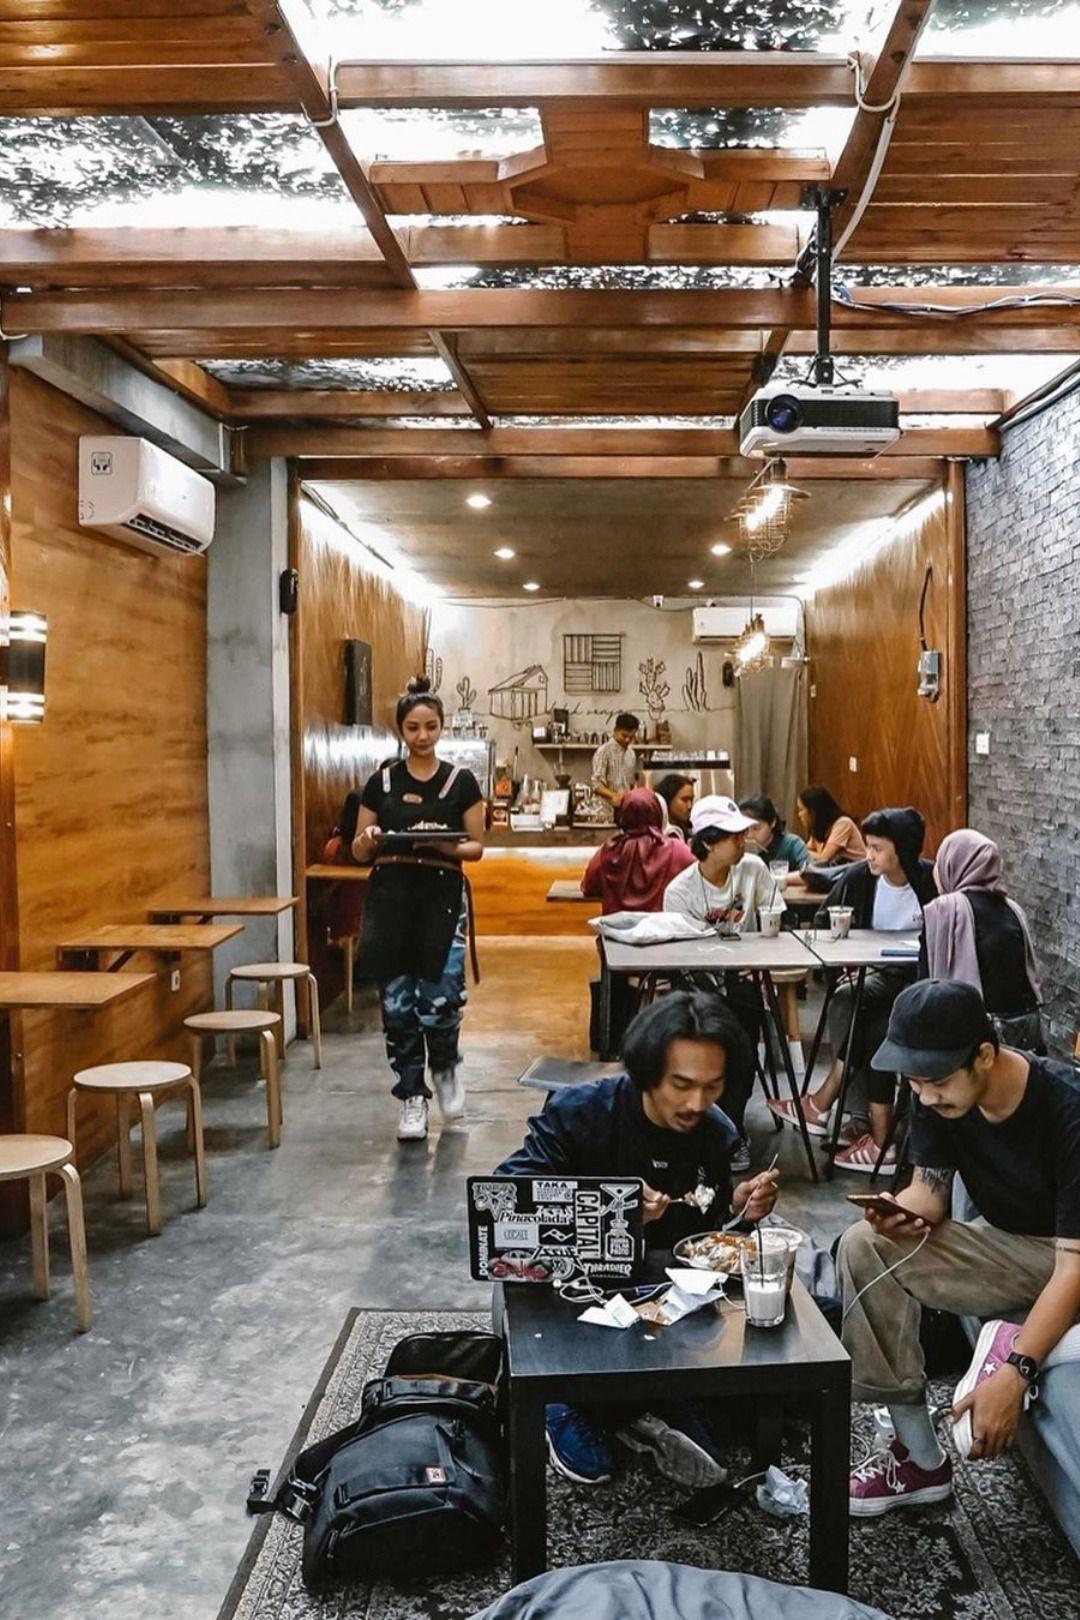 Bilik Senja Kopi In Jakarta Indonesia